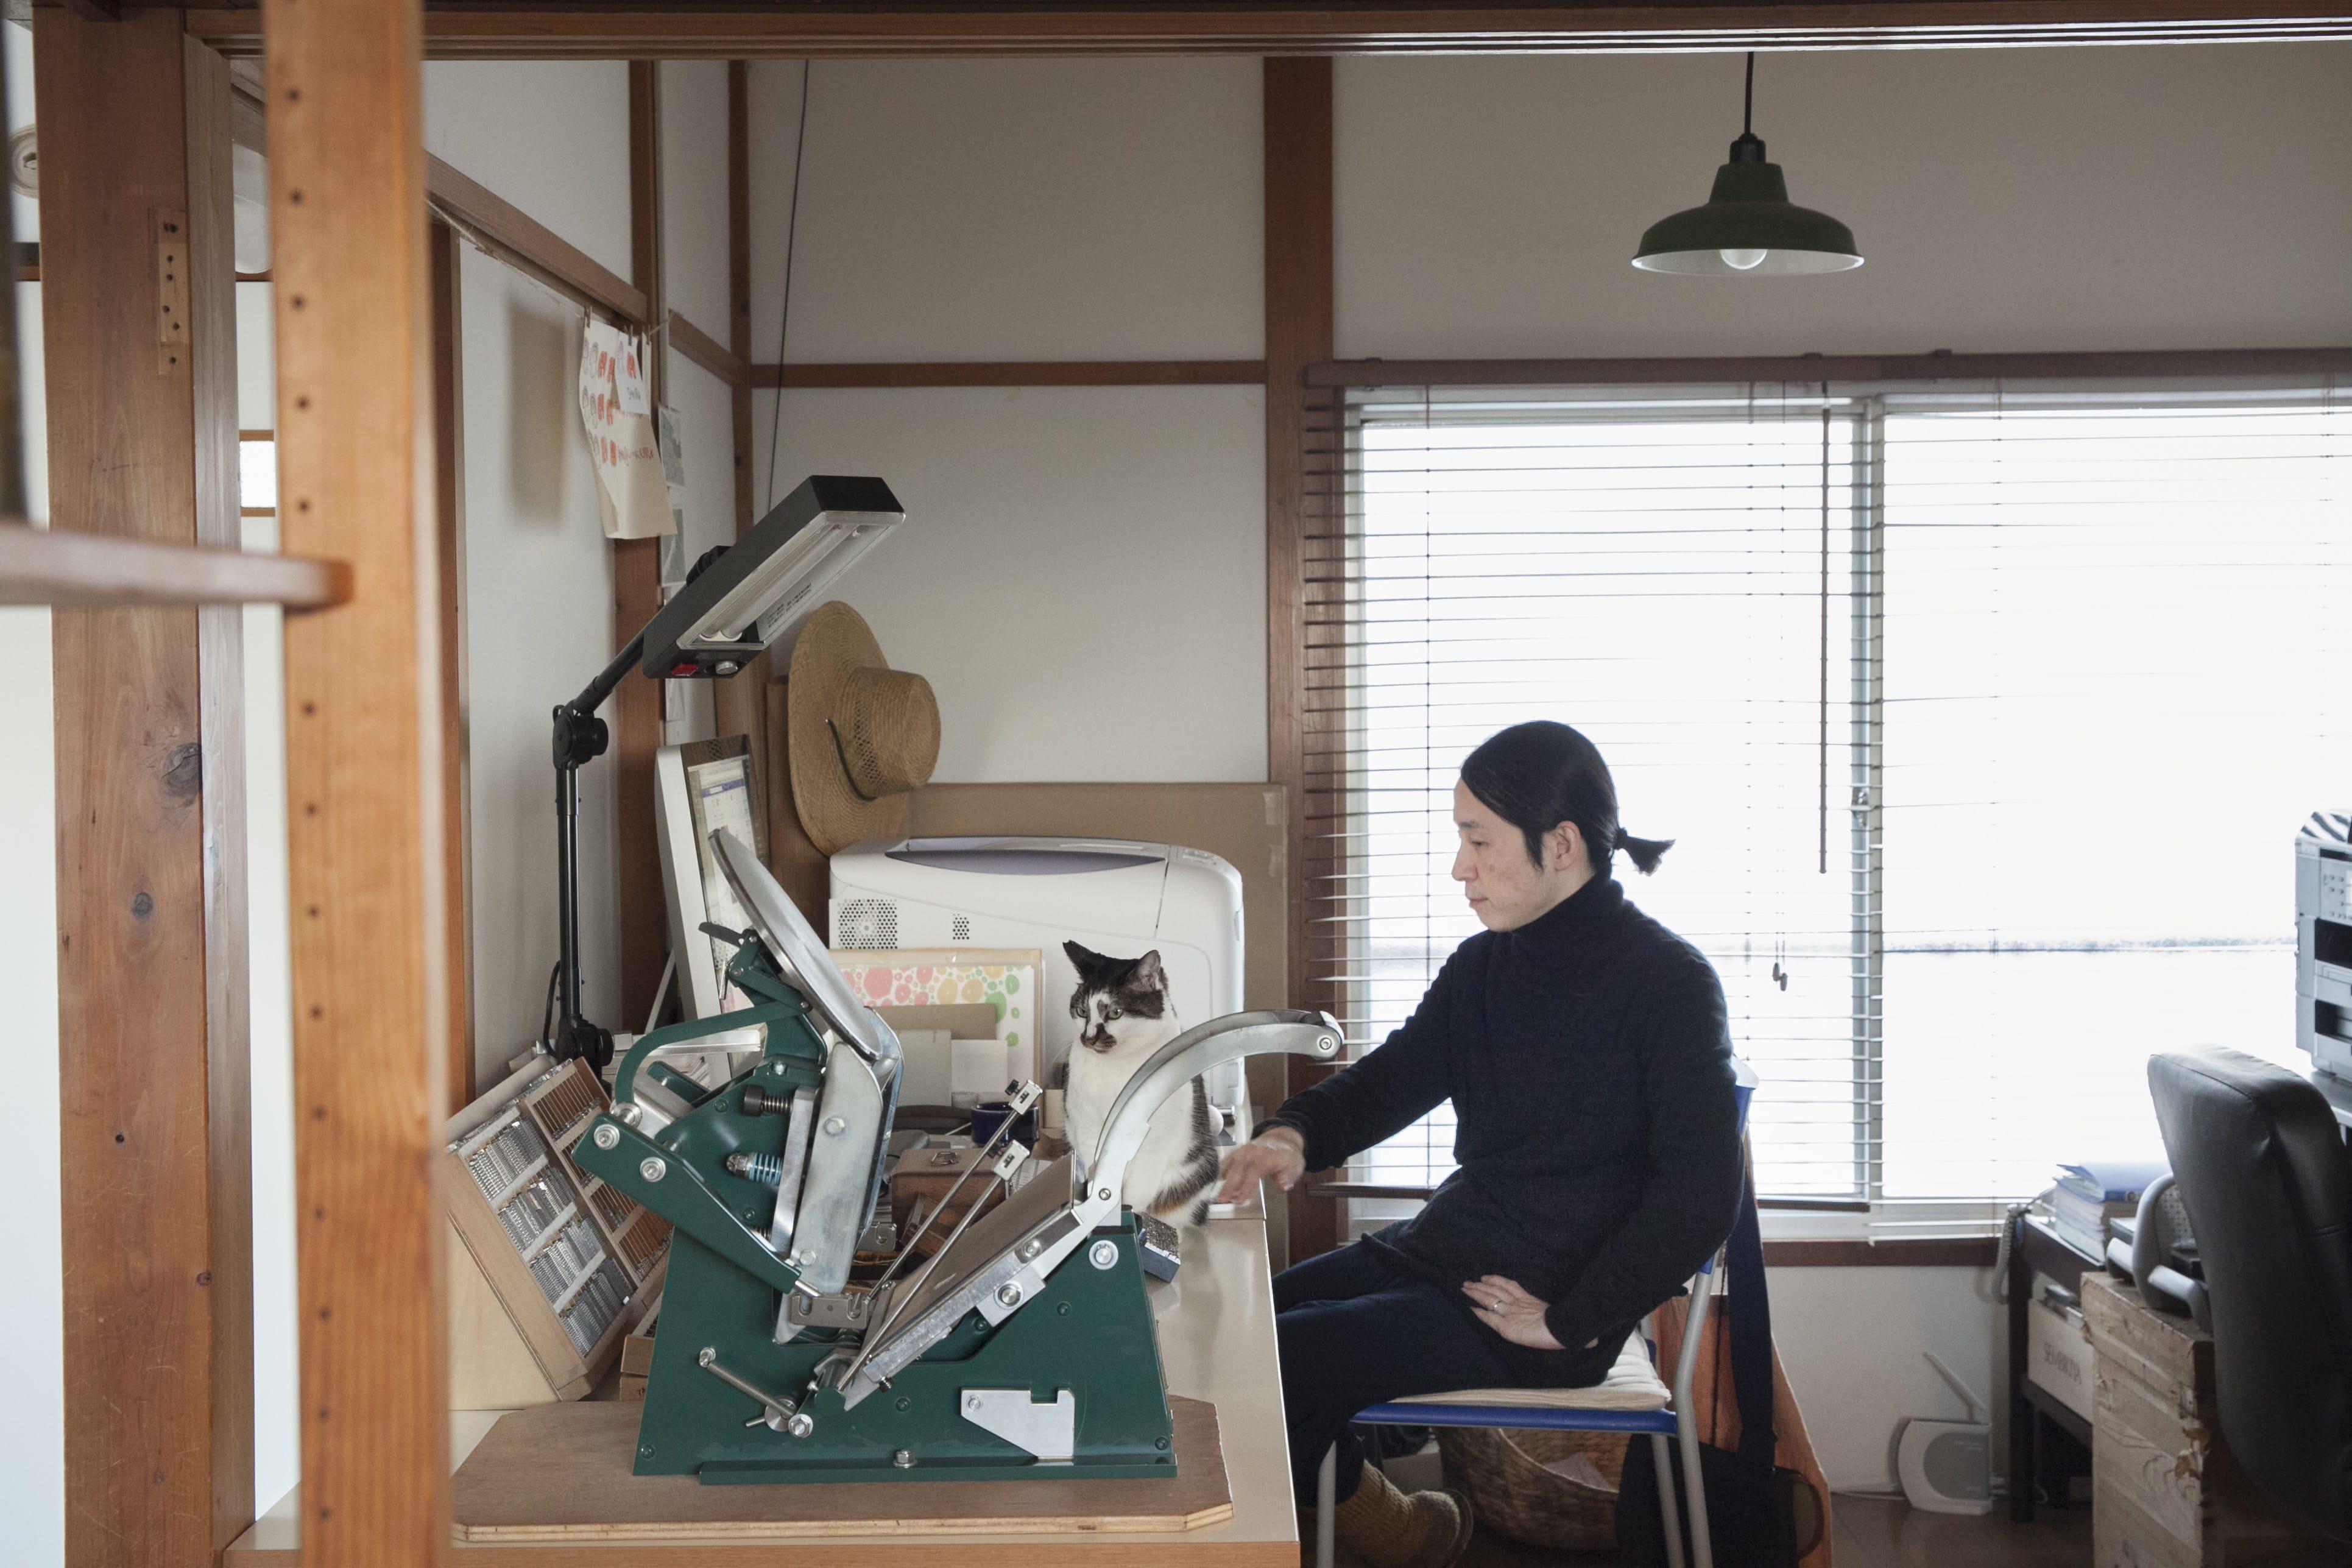 Bonamiのメンバーは、三木葉苗さん、杉山聡さん、 三木咲良さん。猫のカトリも大事な仲間。